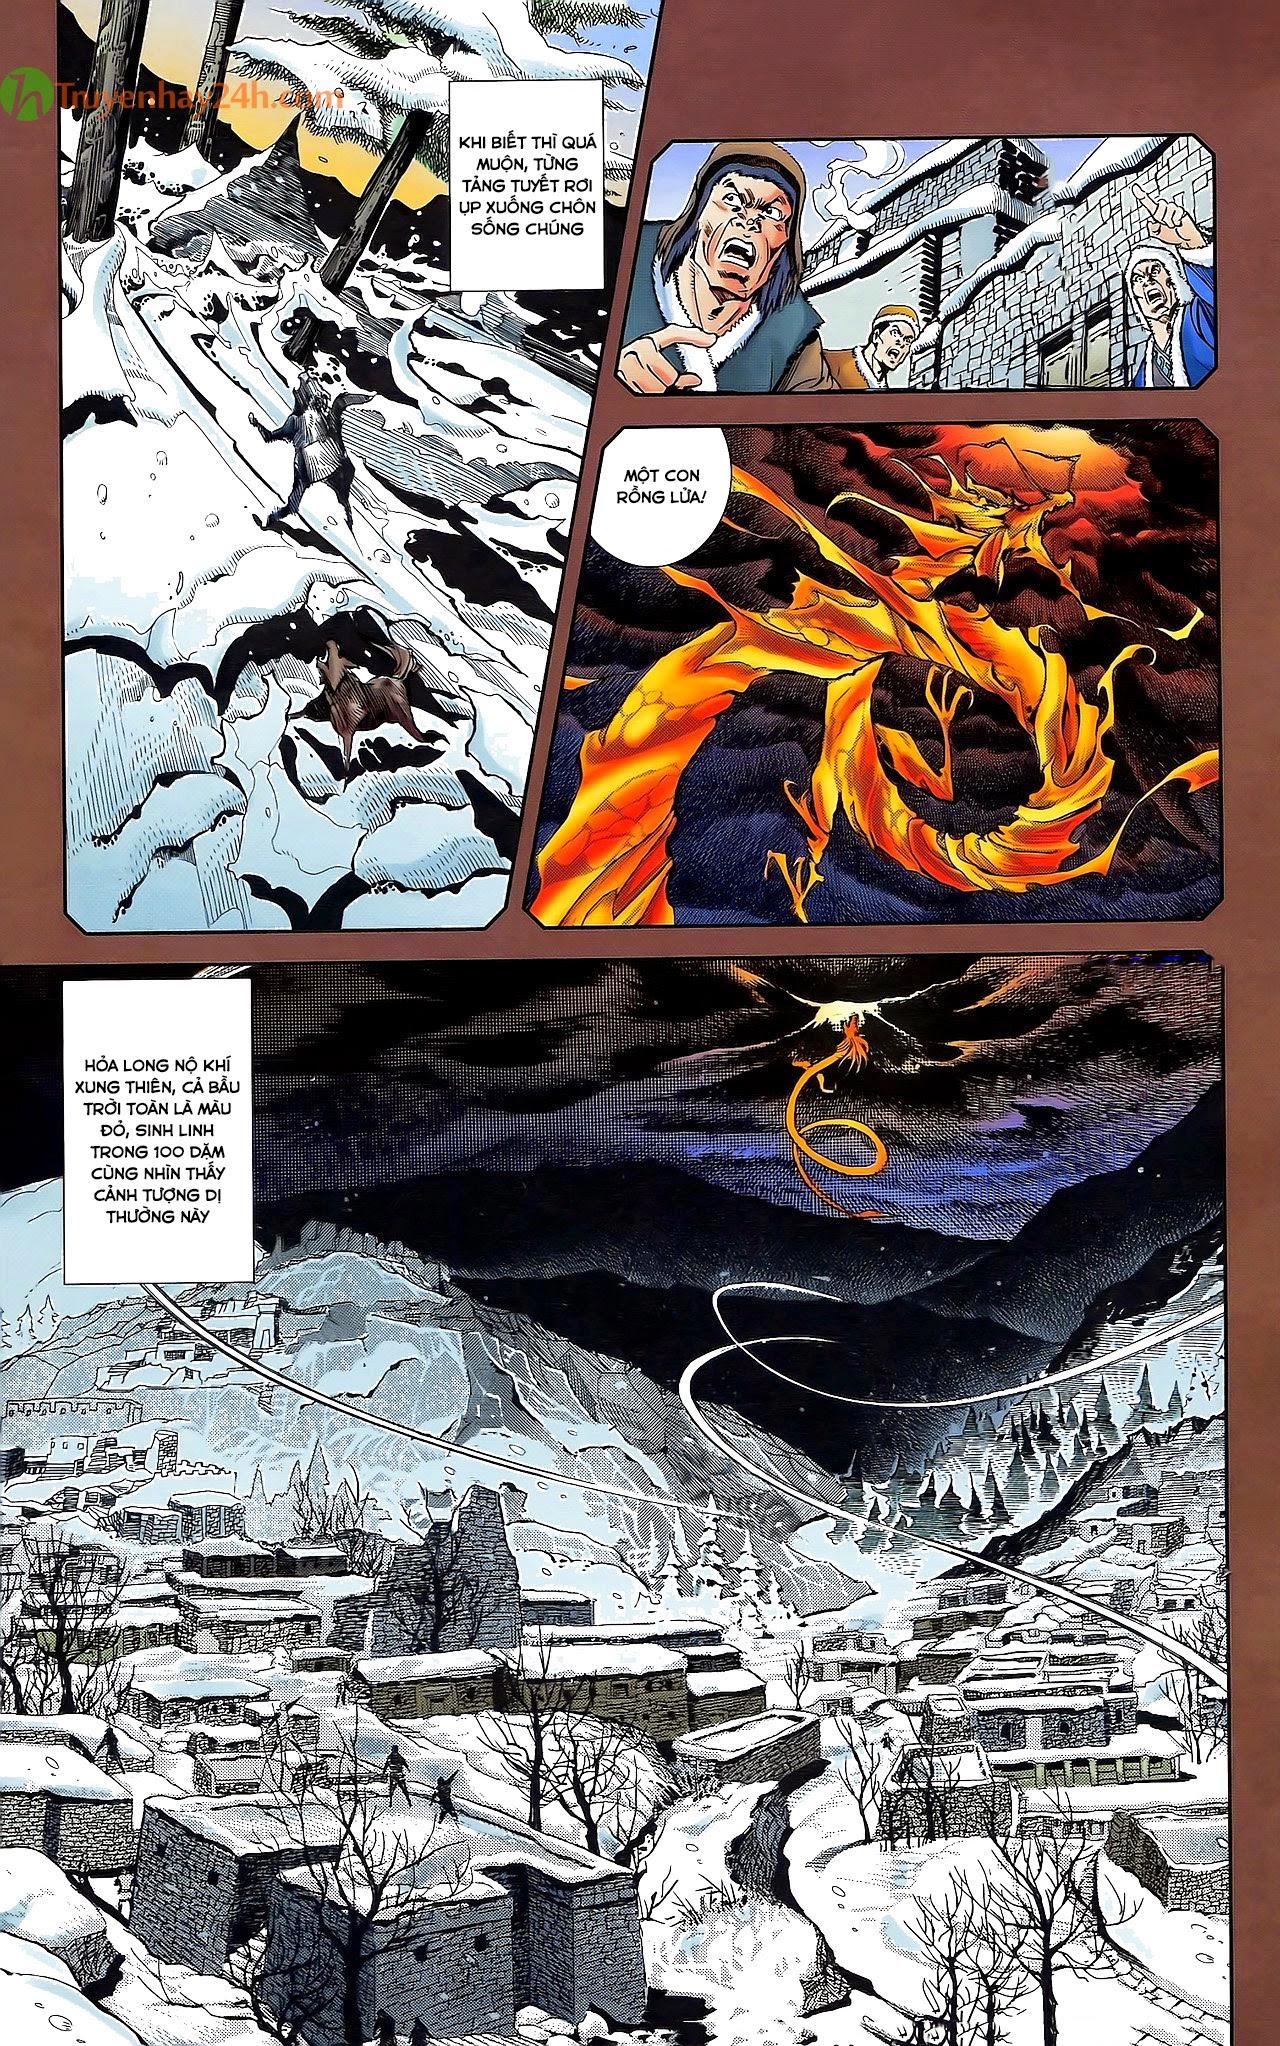 Tần Vương Doanh Chính chapter 30 trang 4